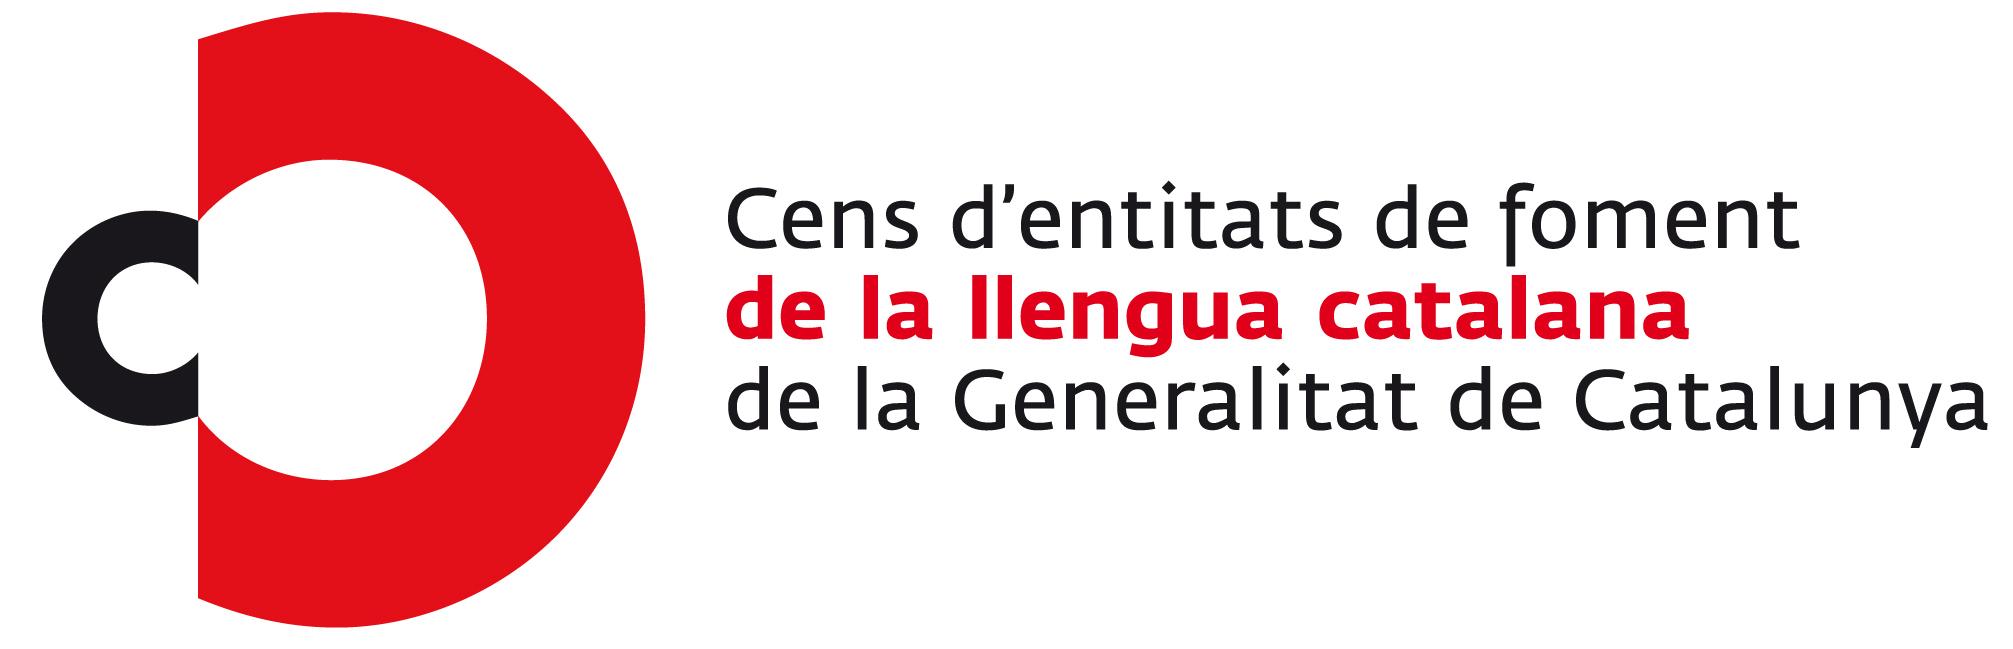 cens d'entitats de llengua catalana